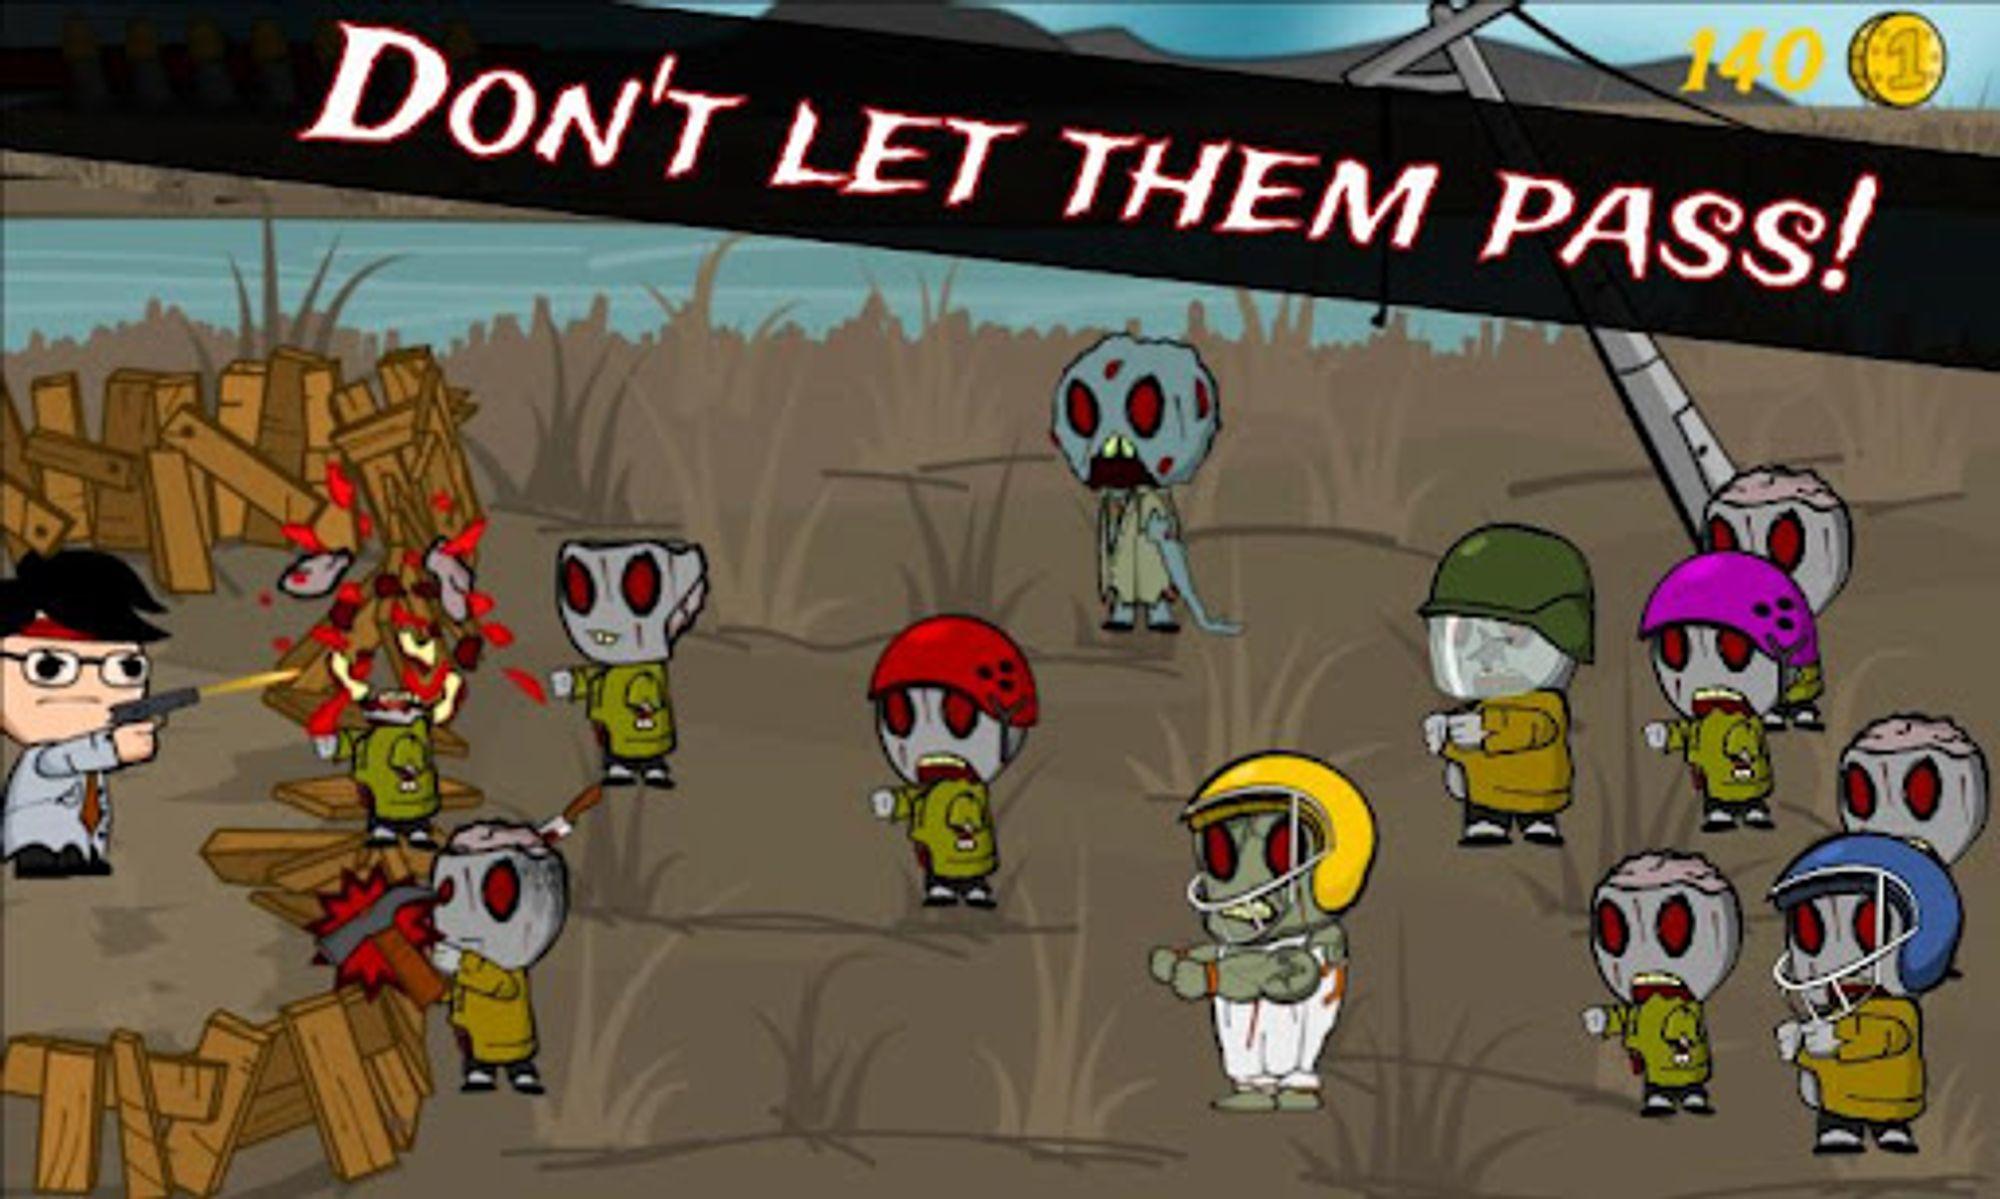 Mobilspill går aldri tomme for zombier.